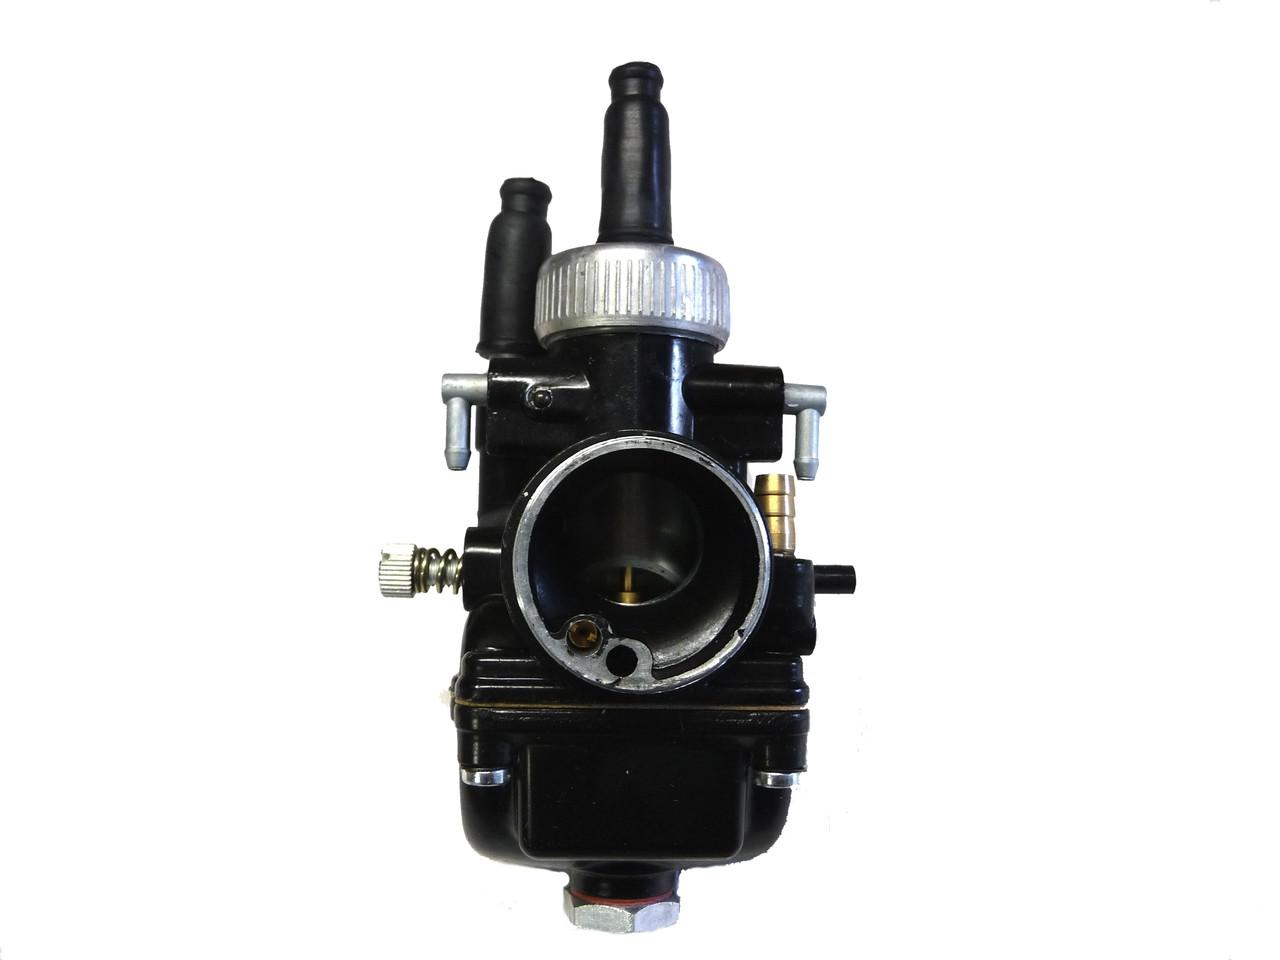 PHBG 19mm DS Black Racing Carburetor - CLONE